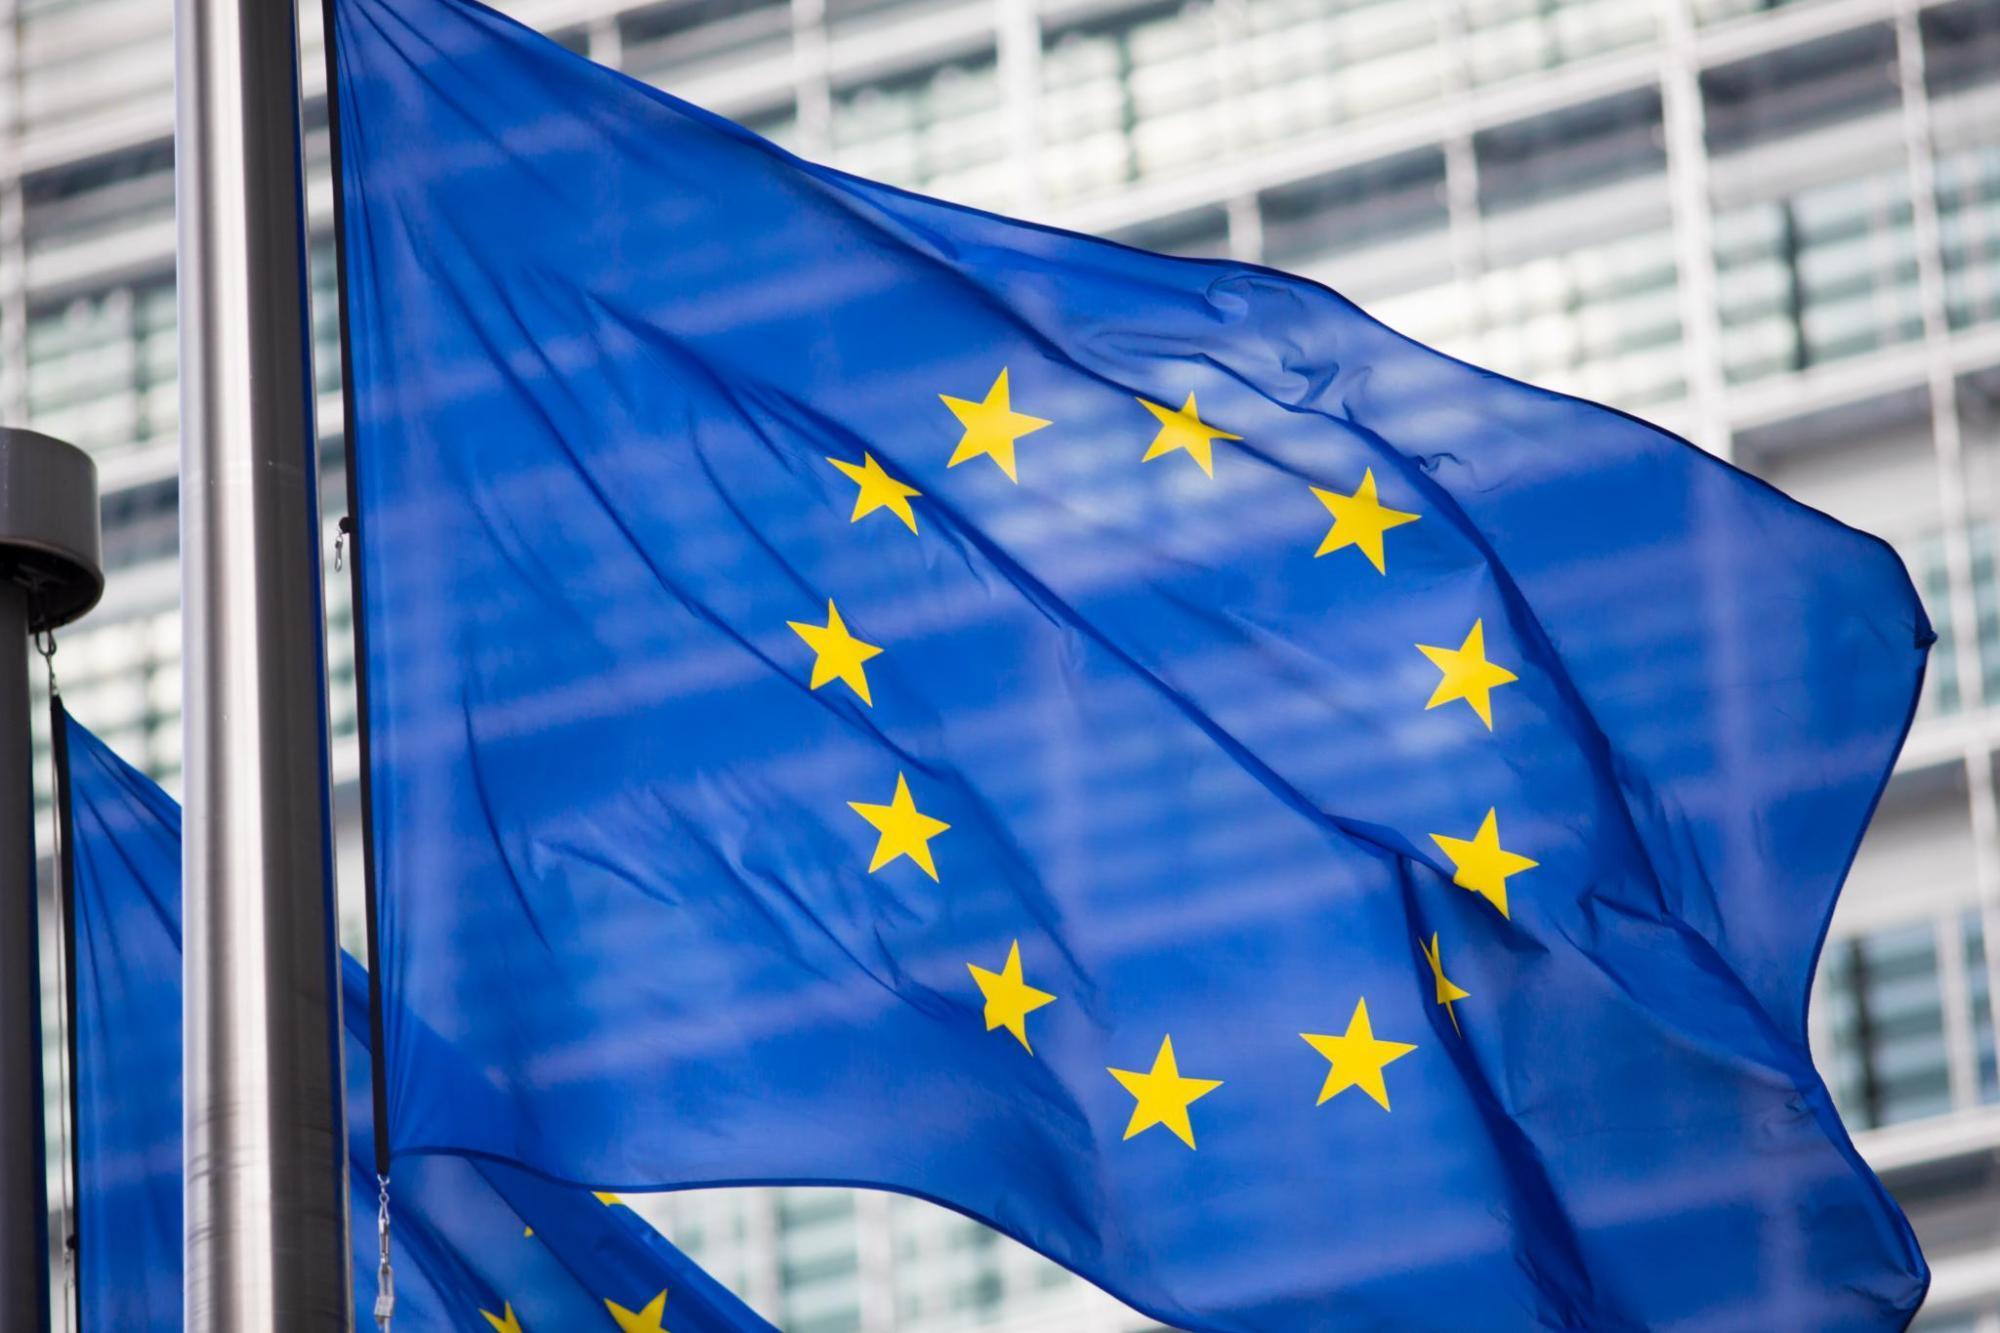 El proceso de las empresas para optar al Fondo de Recuperación Europeo empieza ahora